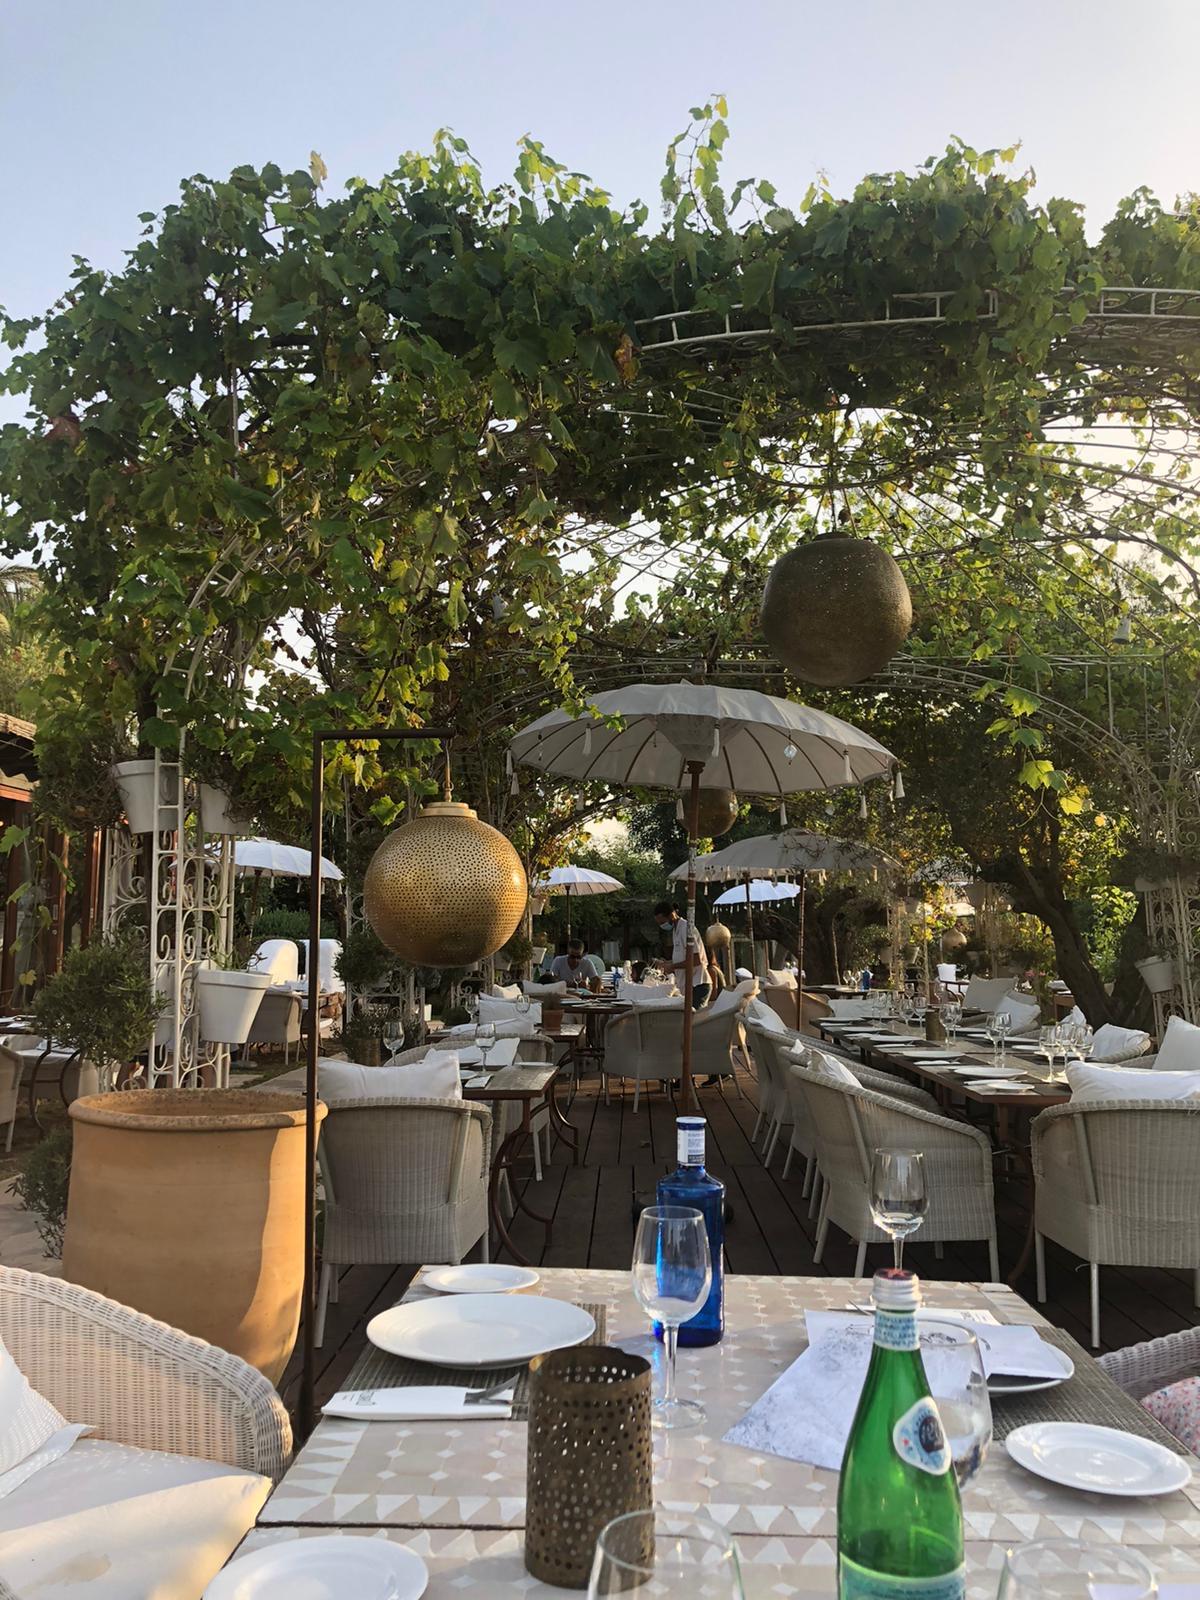 Atzaro restaurant